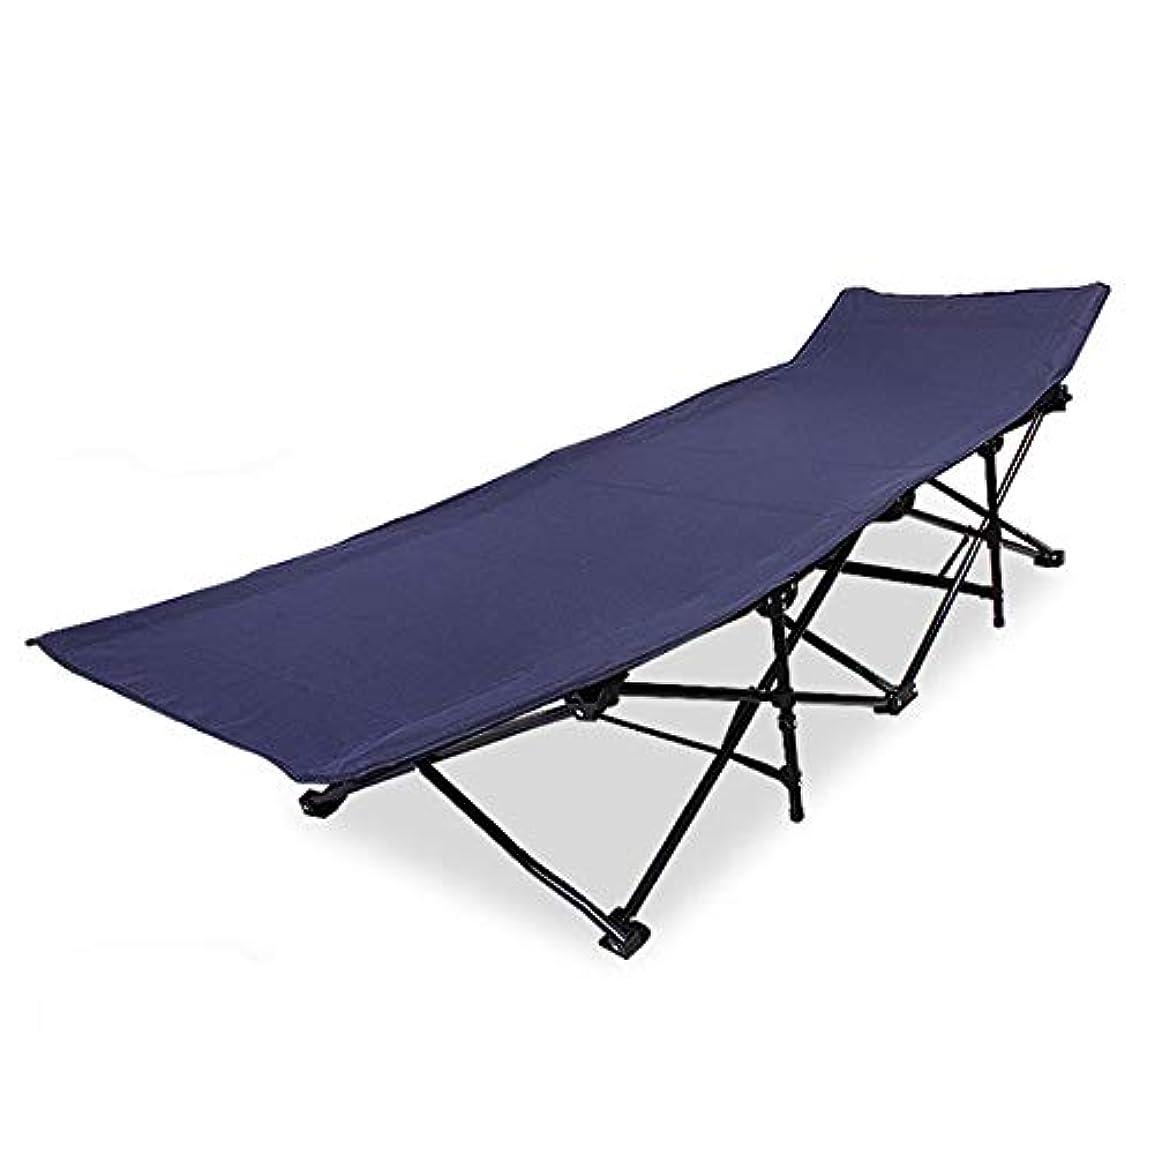 干し草ラップトップ私たちのもの折りたたみベッド増加ビーチベッド仮眠ベッドダブルファブリック (Color : Dark blue)